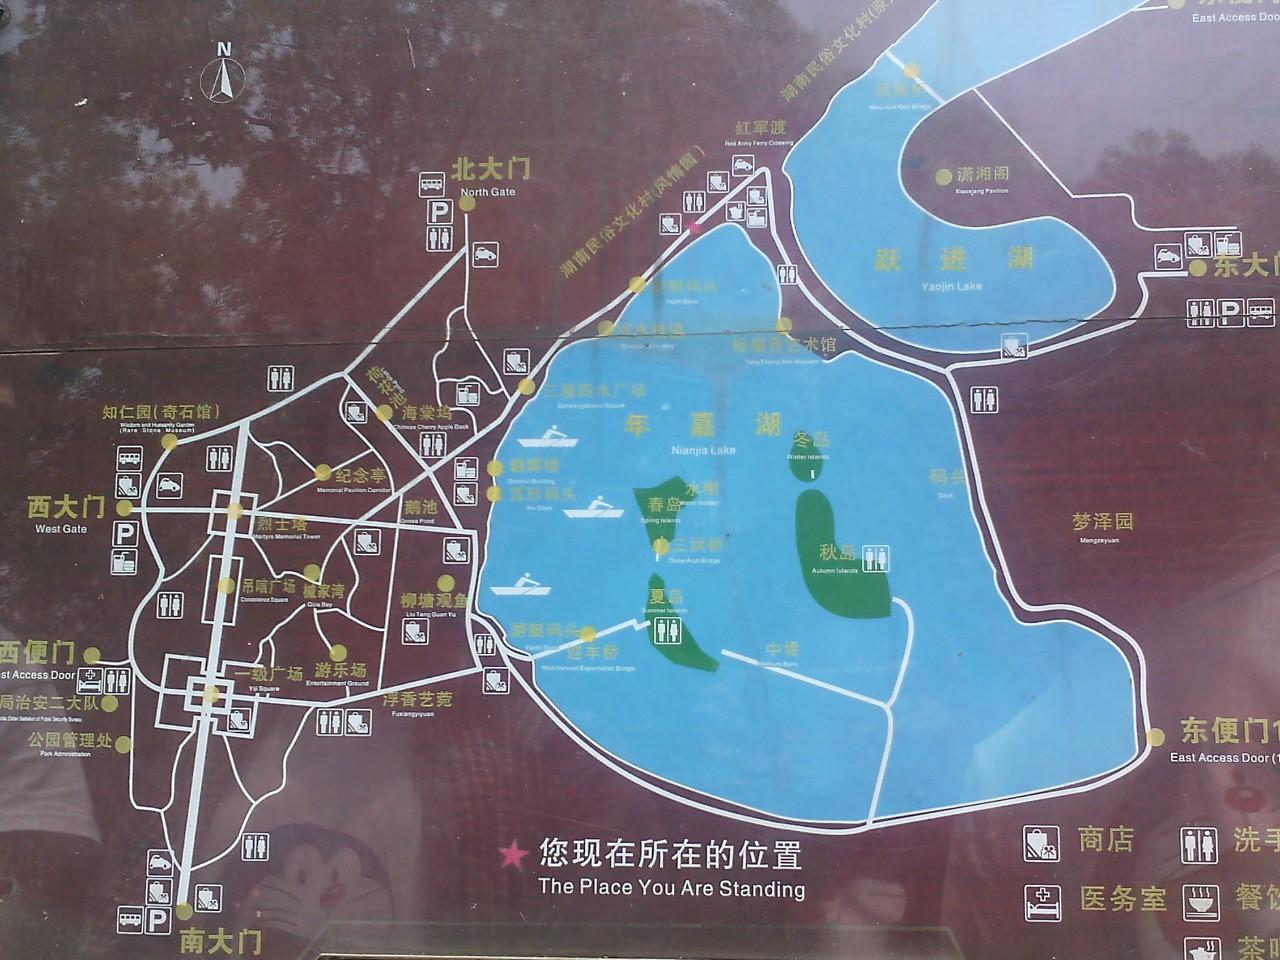 长沙烈士公园平面图